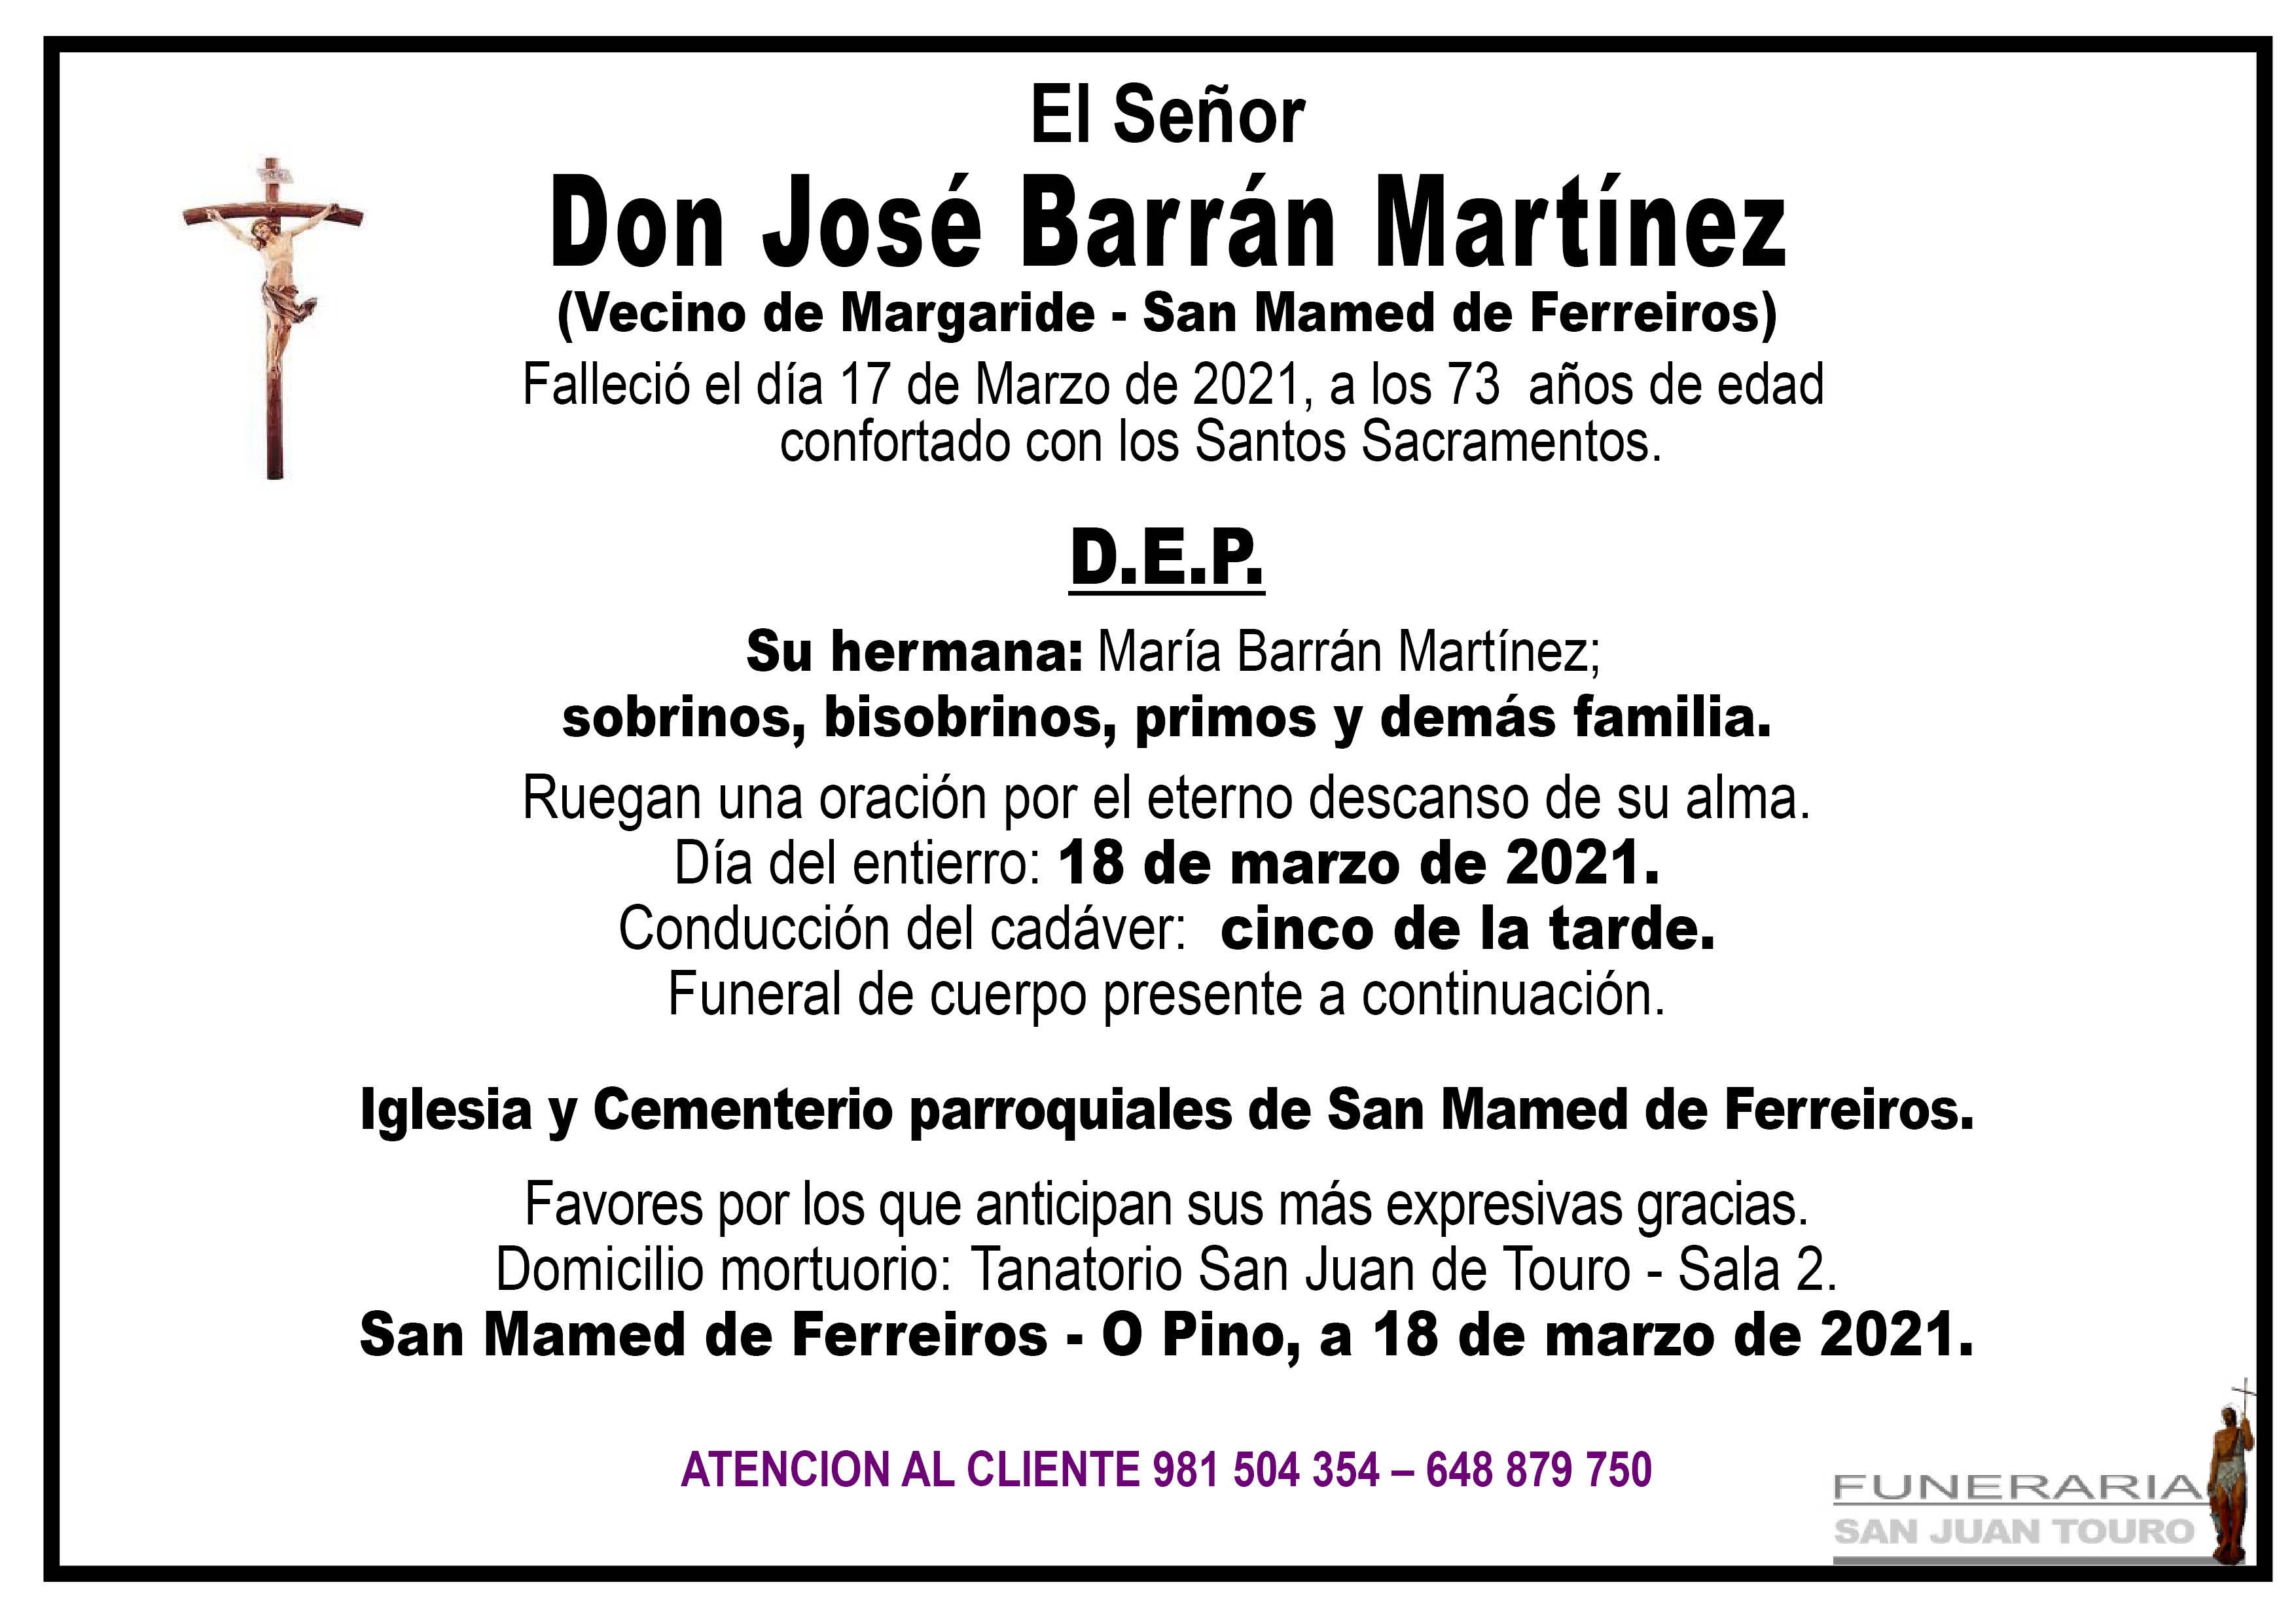 Esquela de SEPELIO DE DON JOSÉ BARRÁN MARTÍNEZ